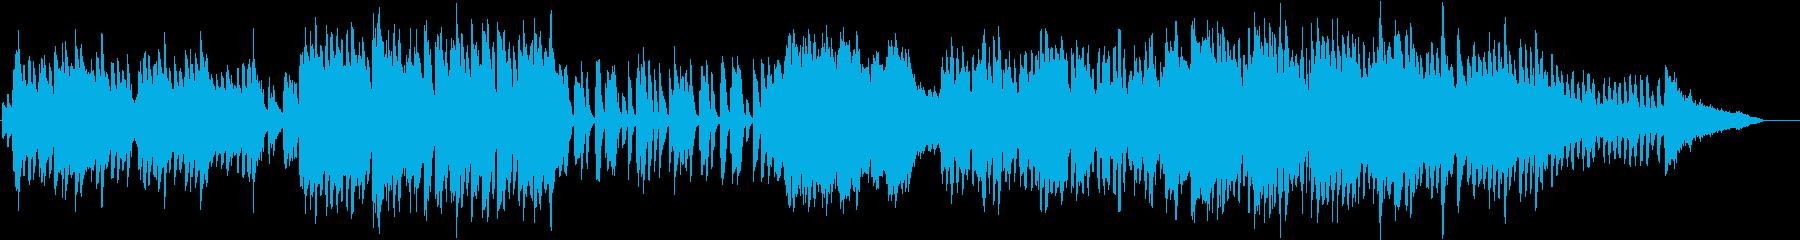 可愛らしいワルツ要素のあるポップスの再生済みの波形